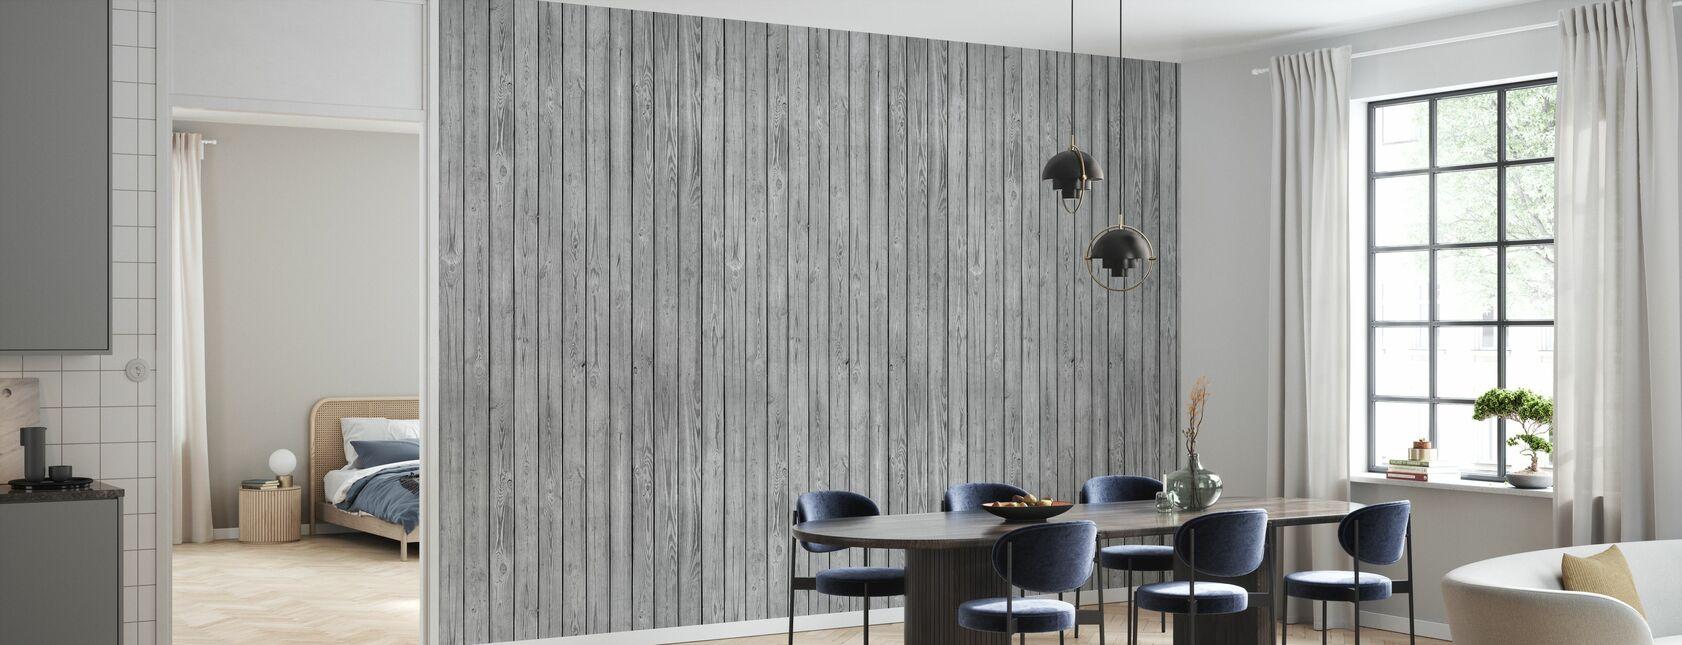 Puinen lankku seinä - Harmaa - Tapetti - Keittiö